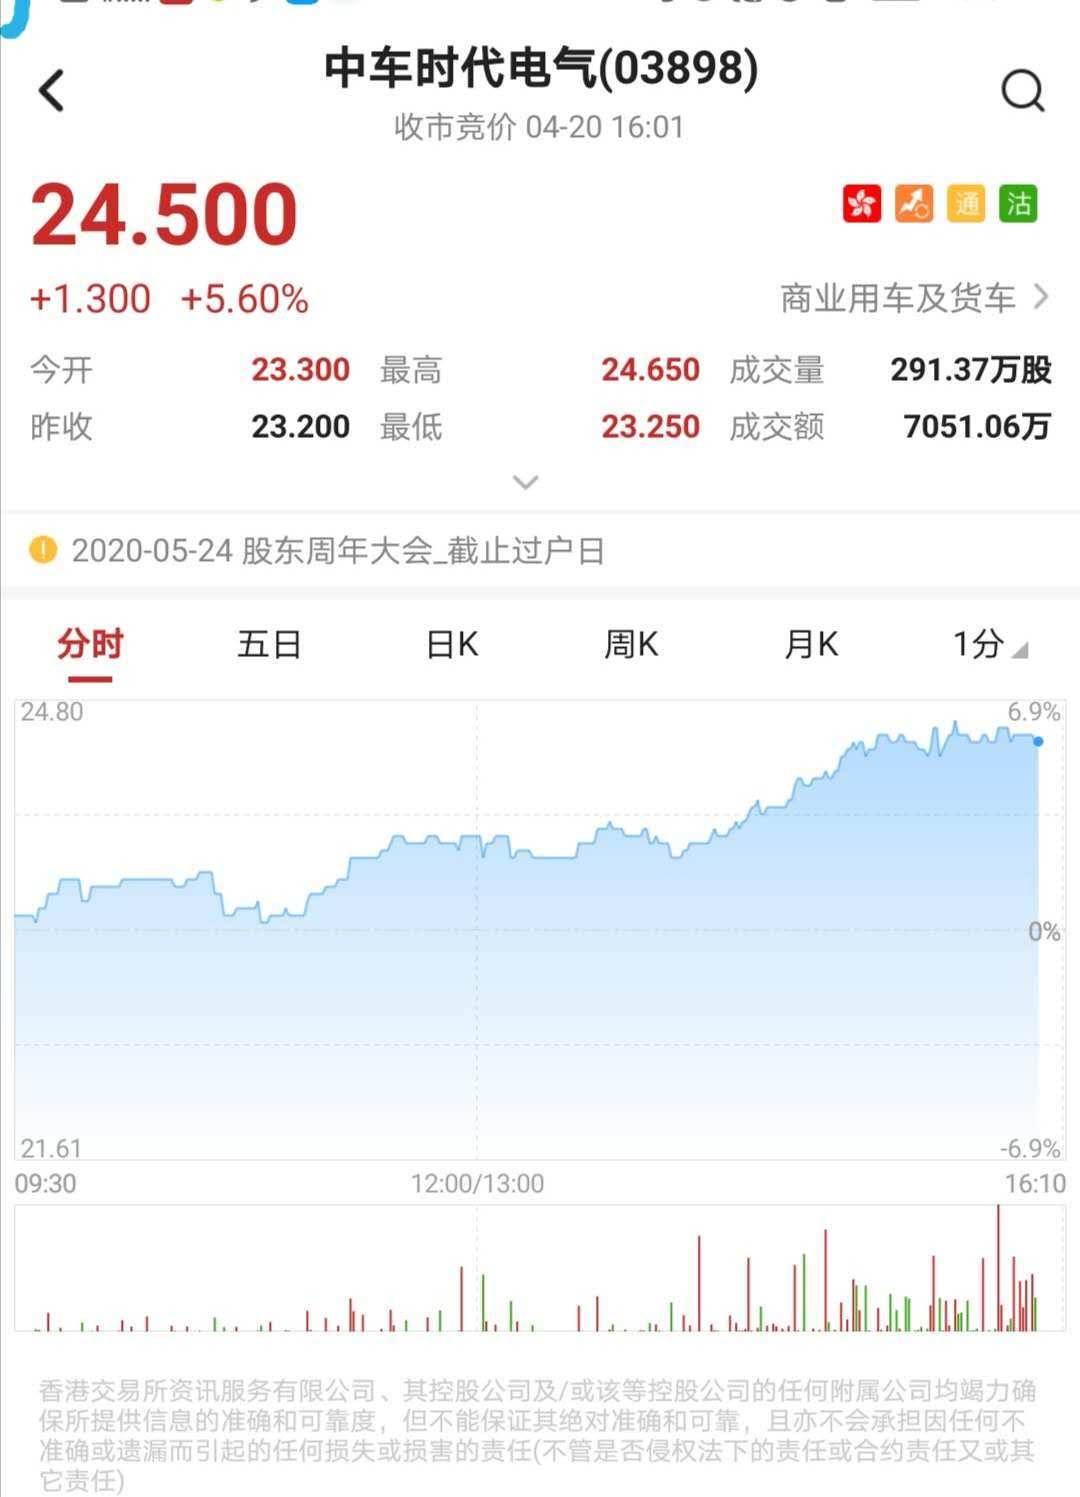 港股异动︱中车时代电气(03898)将于本周五披露首季报 现涨5.6%